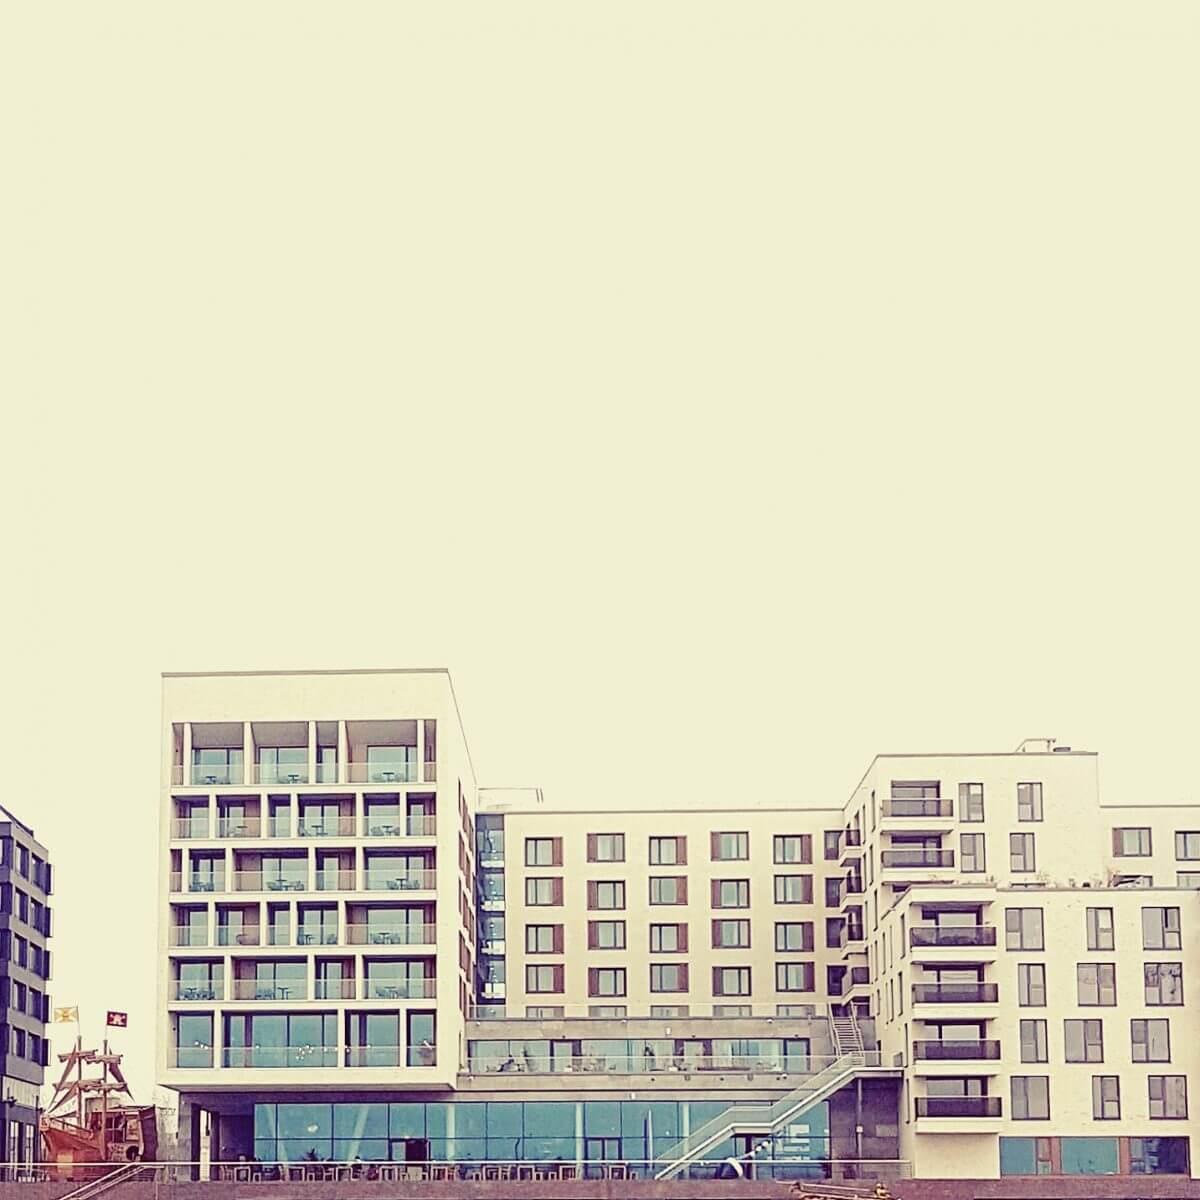 Jufa hotel Hamburg Hafencity, kindvriendelijk hotel